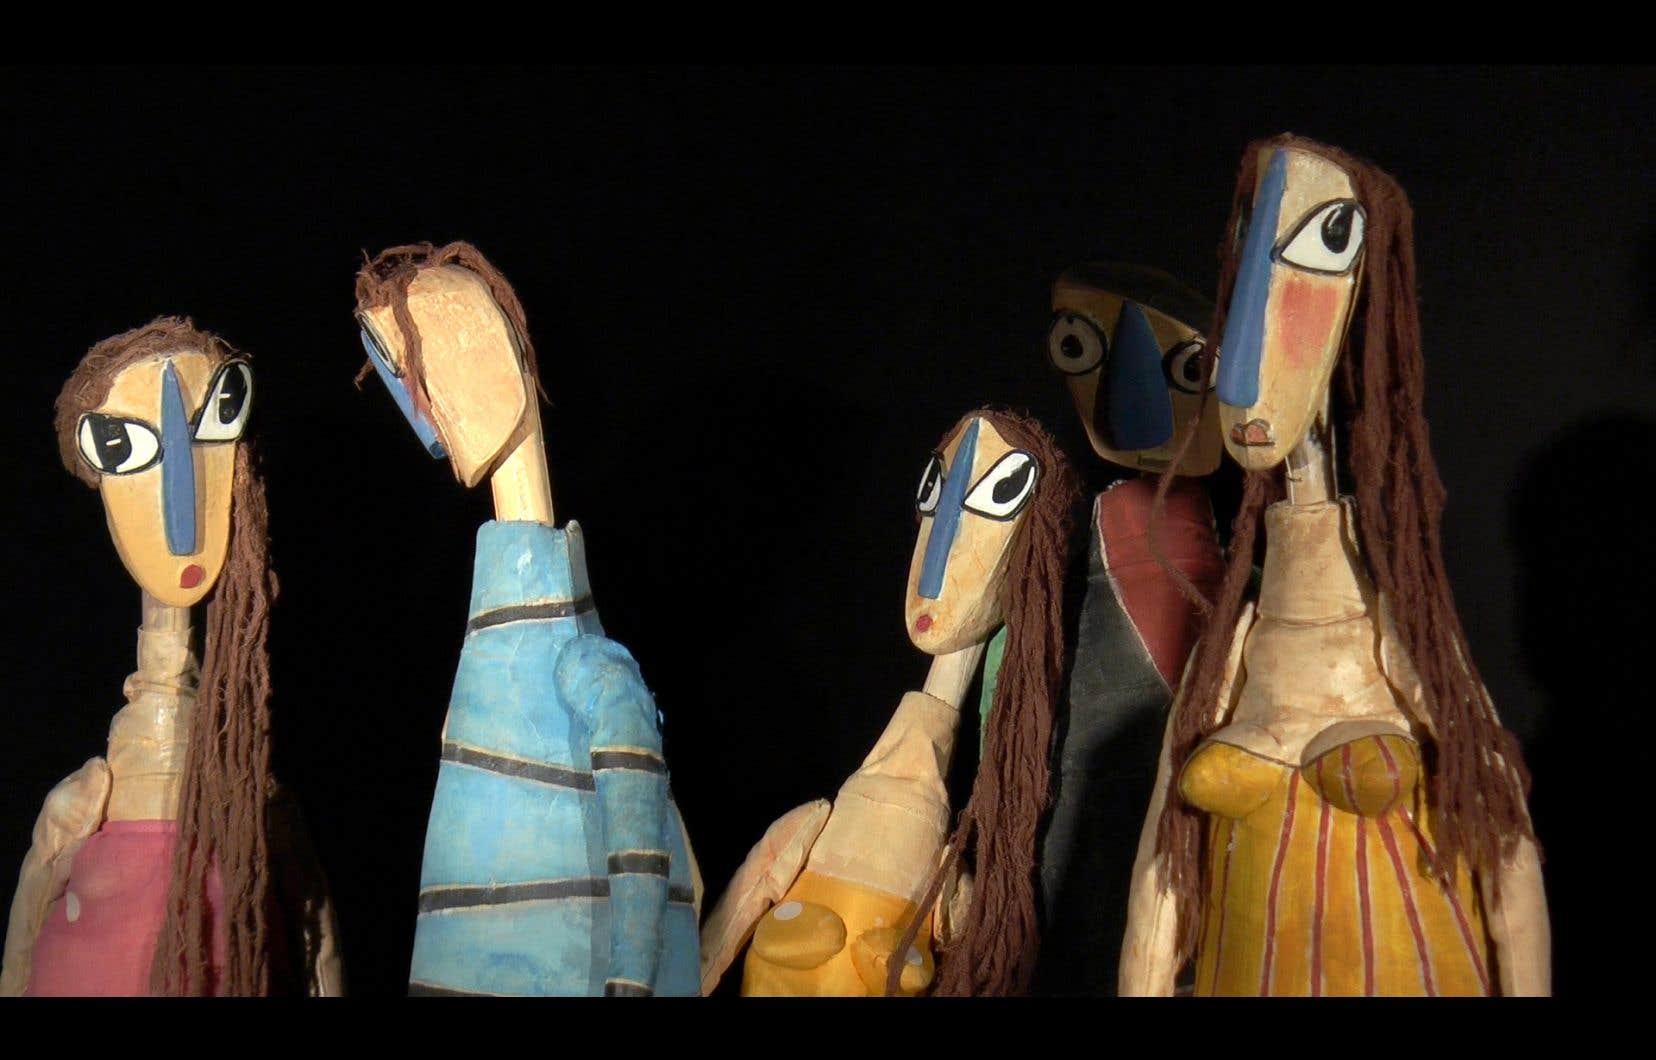 Le Festival de Casteliers présente le documentaire <em>Les marionnettes naissent aussi</em> dans lequel trois grandes dames de la marionnette française, Greta Bruggeman, Émilie Valantin et Maryse Le Bris, ouvrent les portes de leurs ateliers.